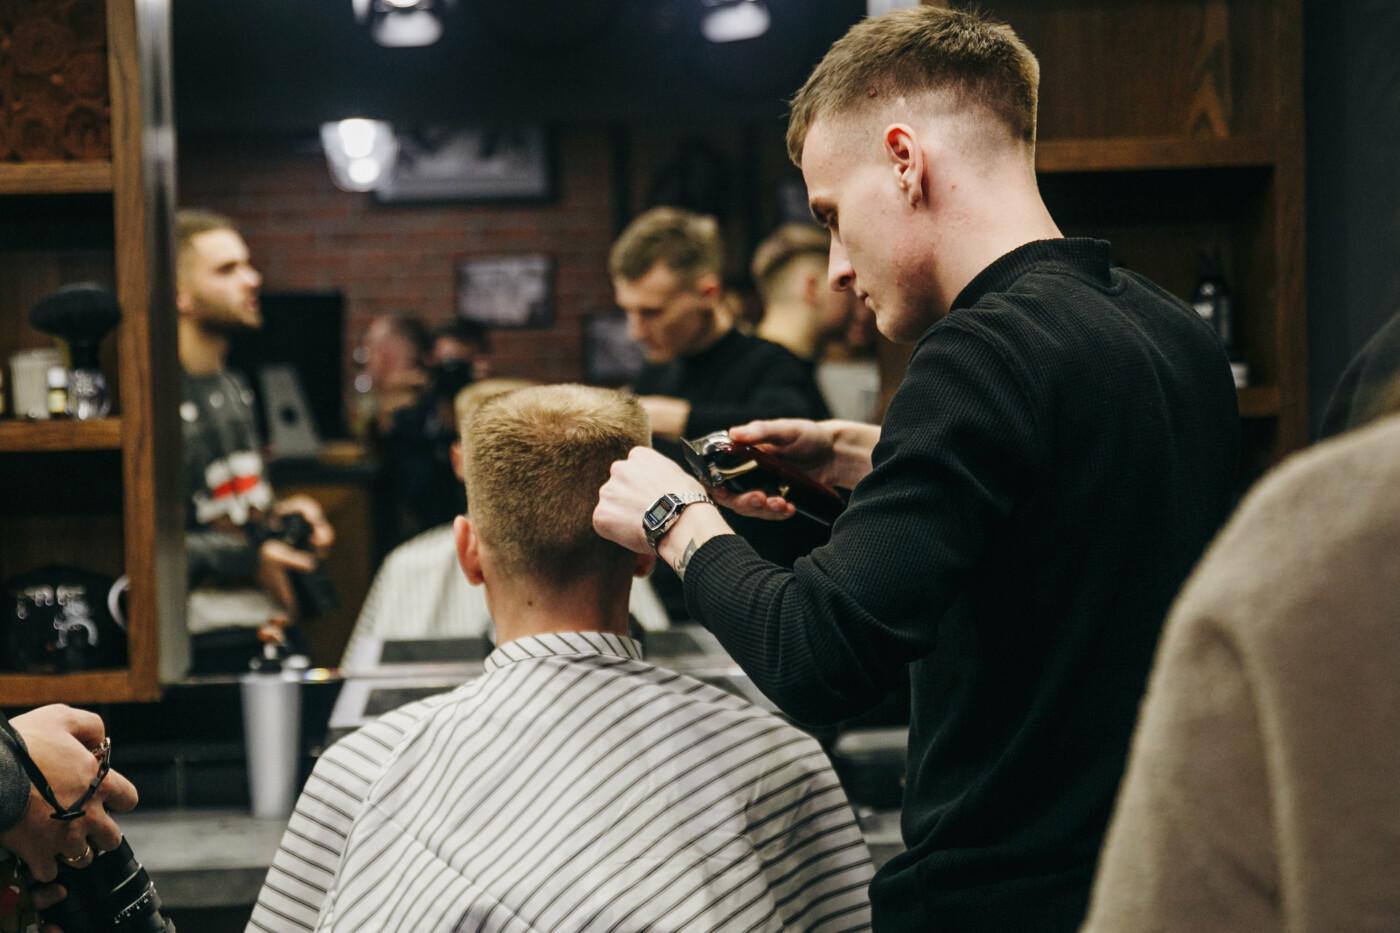 """В Тернополі відкрився новий барбершоп всеукраїнської мережі """"GC Barbershop"""": діють новорічні знижки, фото-3"""